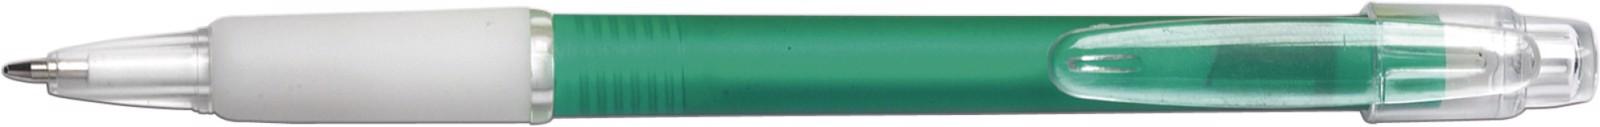 AS ballpen - Green